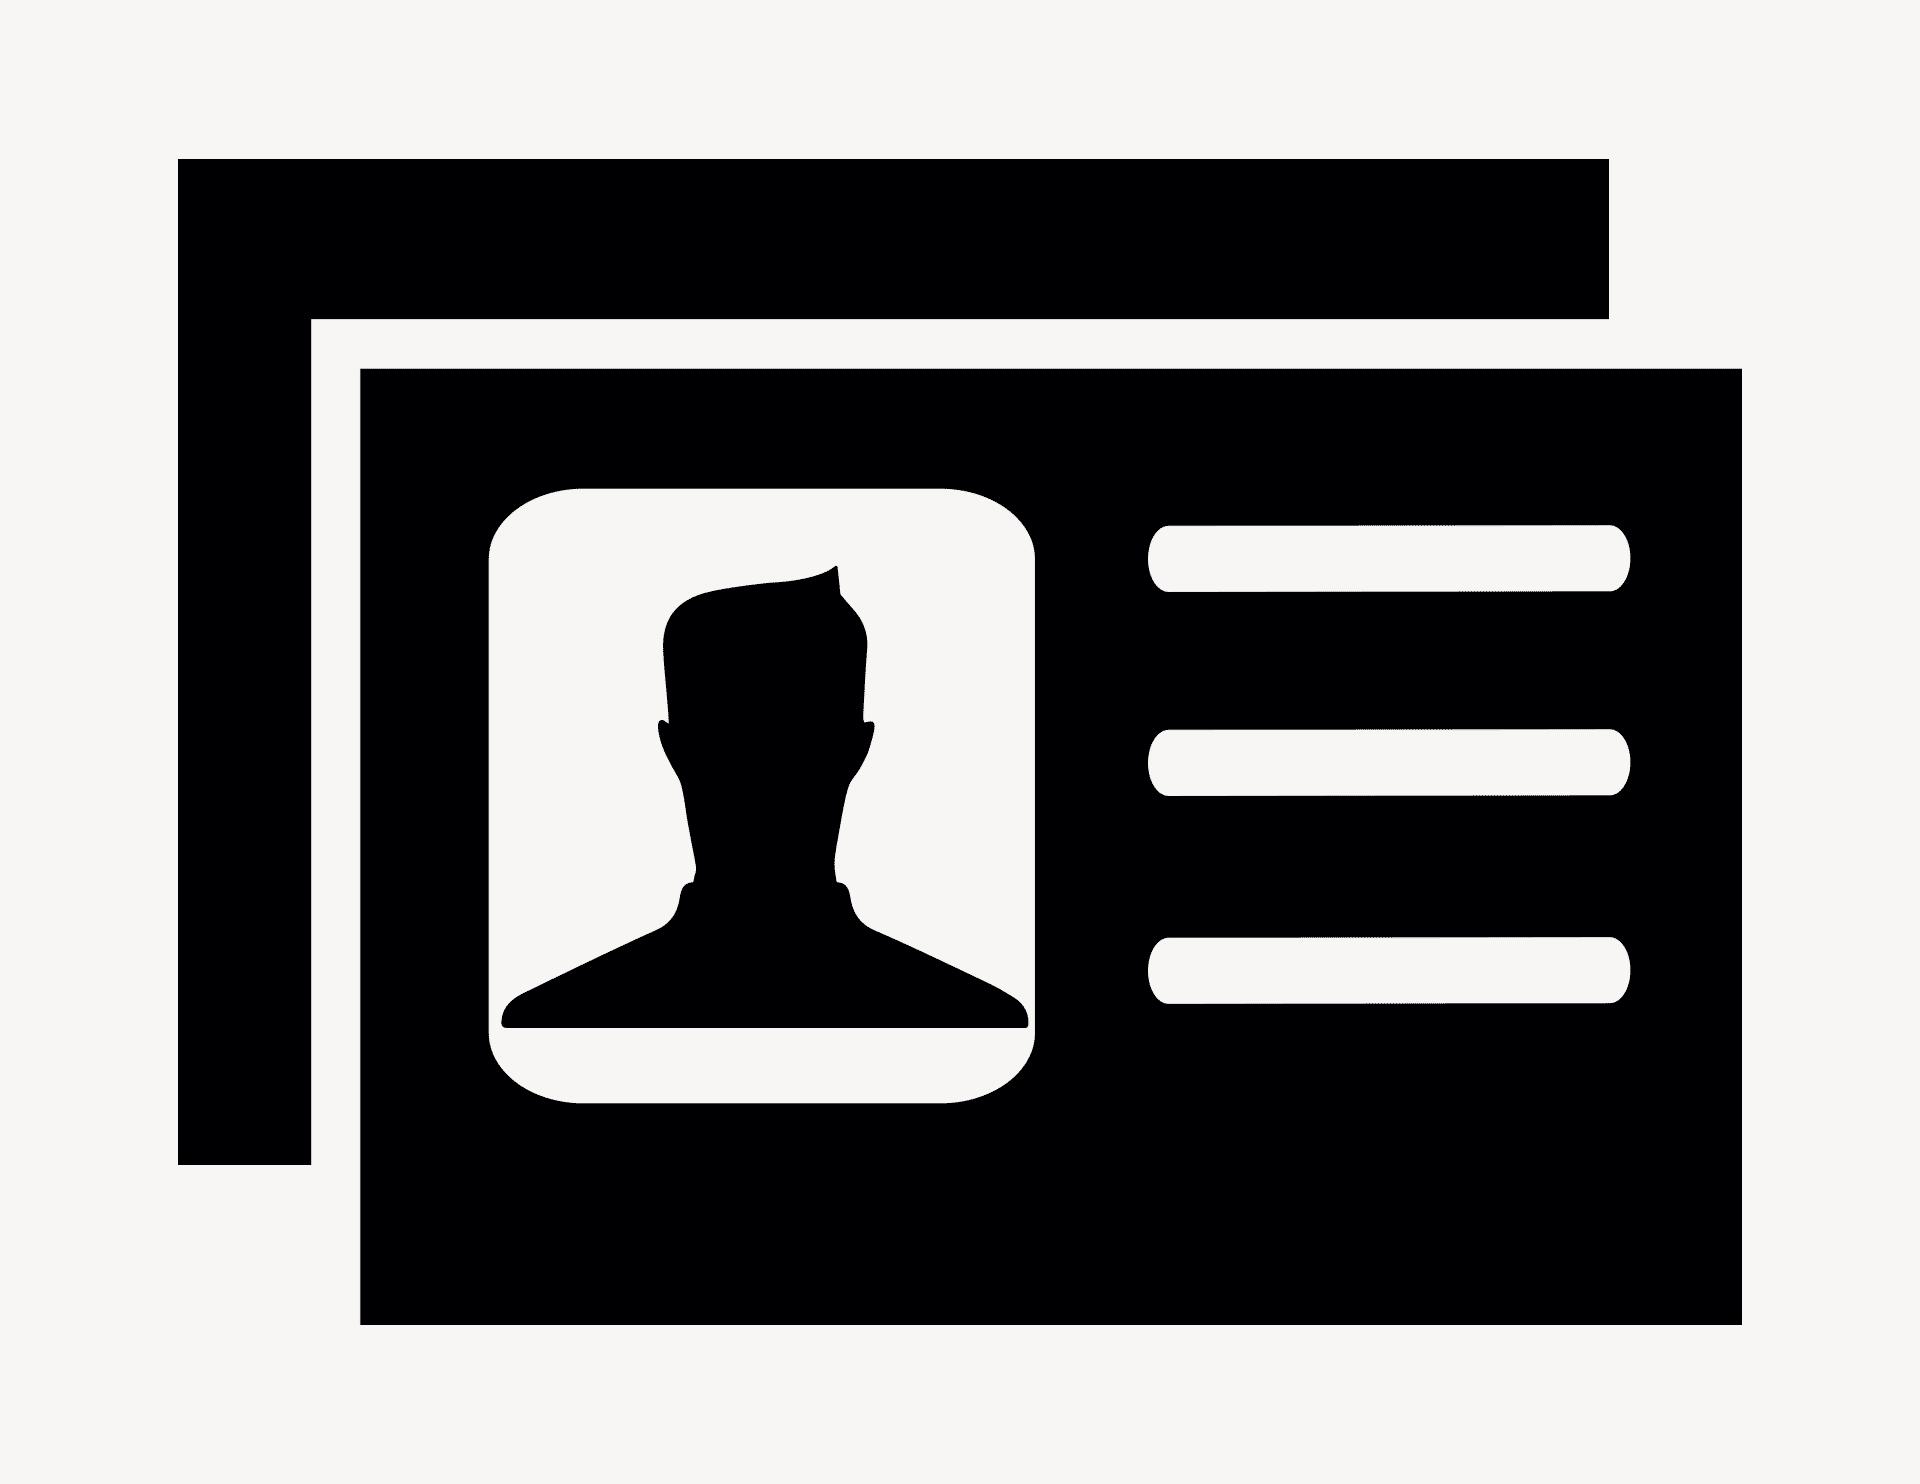 Authentifizierung - Aufkleber für Gewerbe